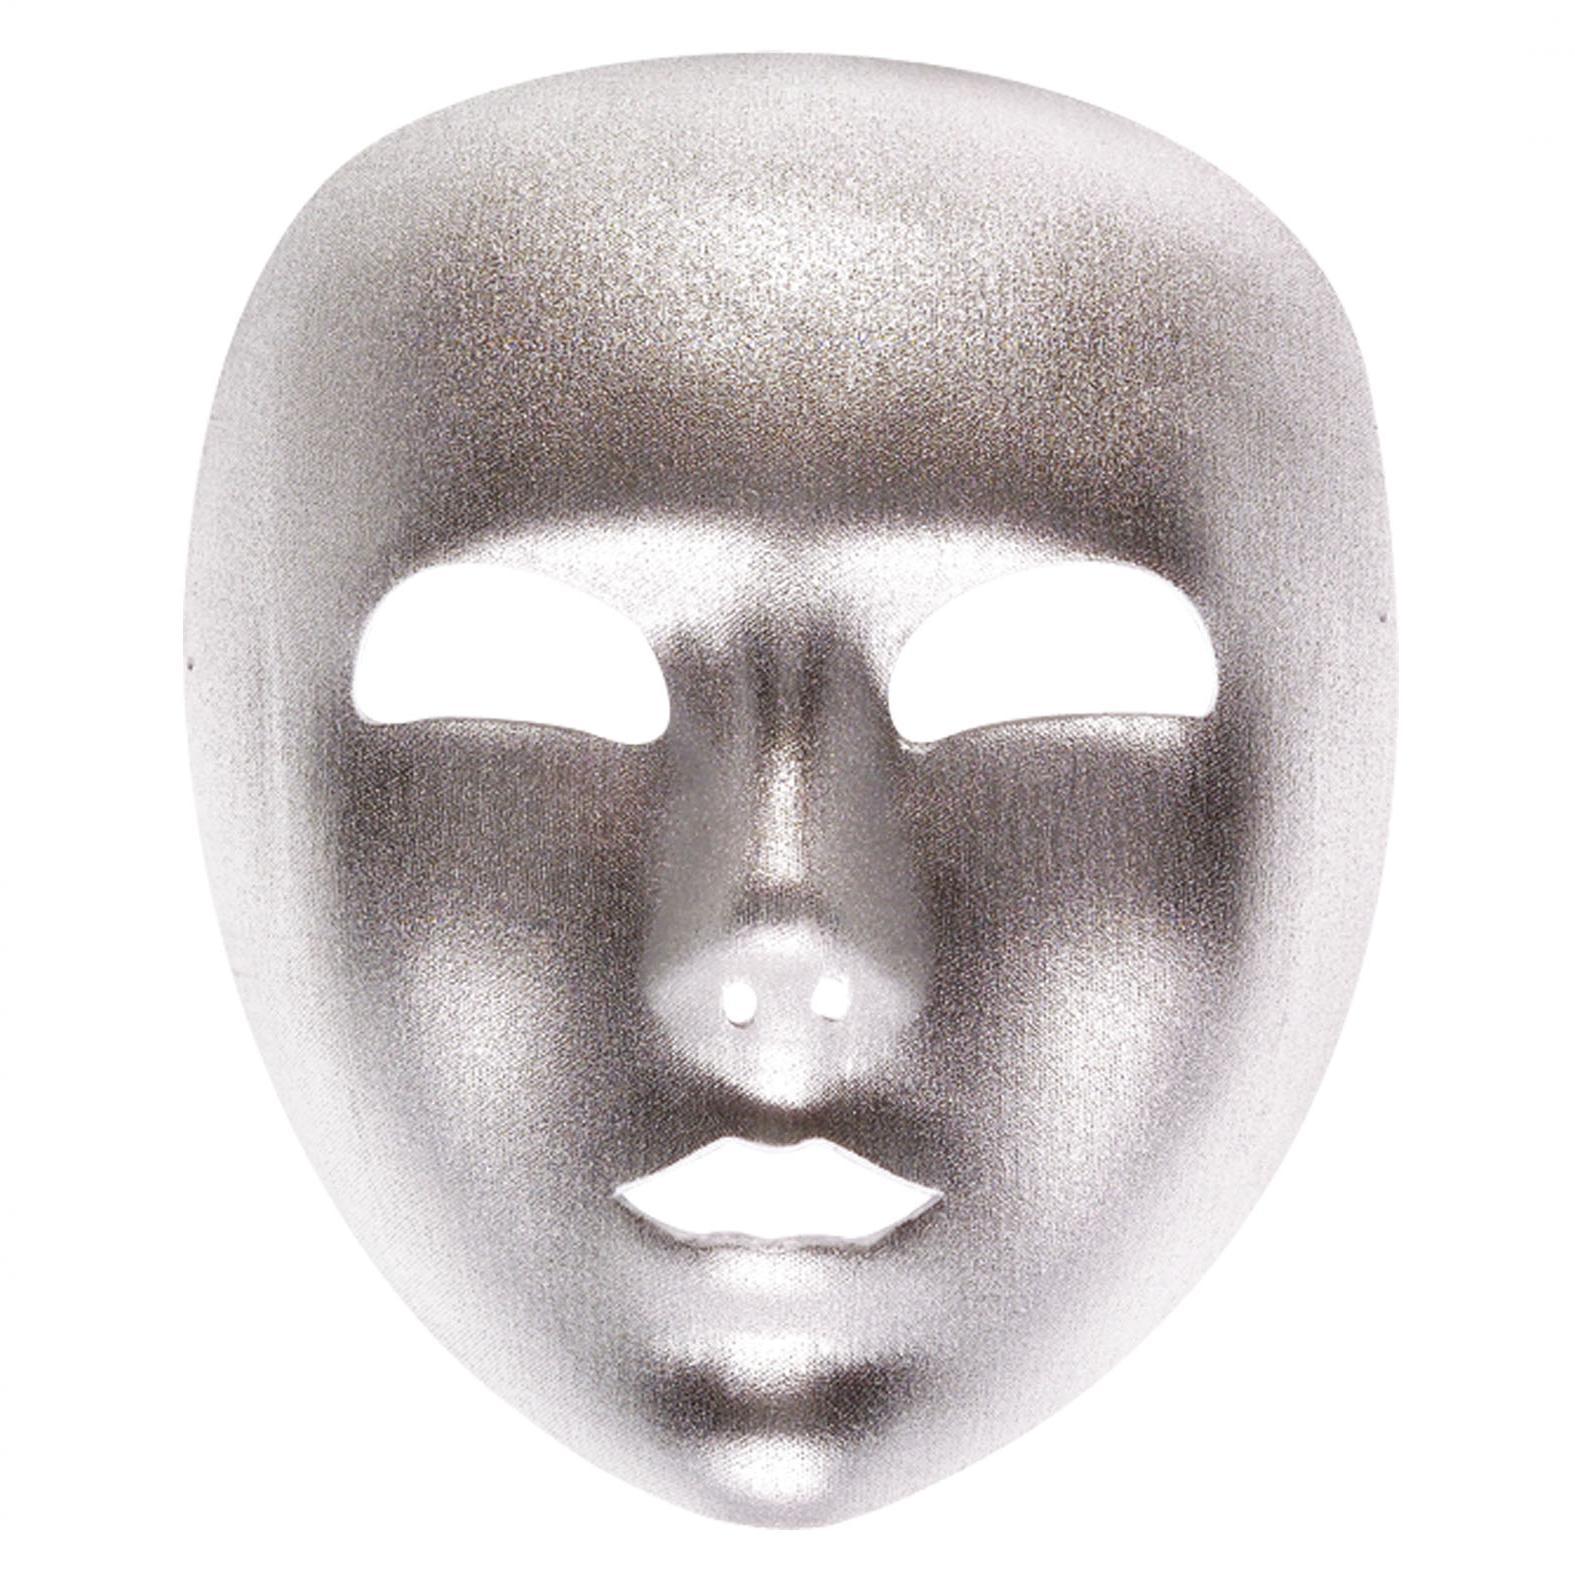 Perché la Maschera Bianca di Carnevale è Così Popolare tra i Giovani?